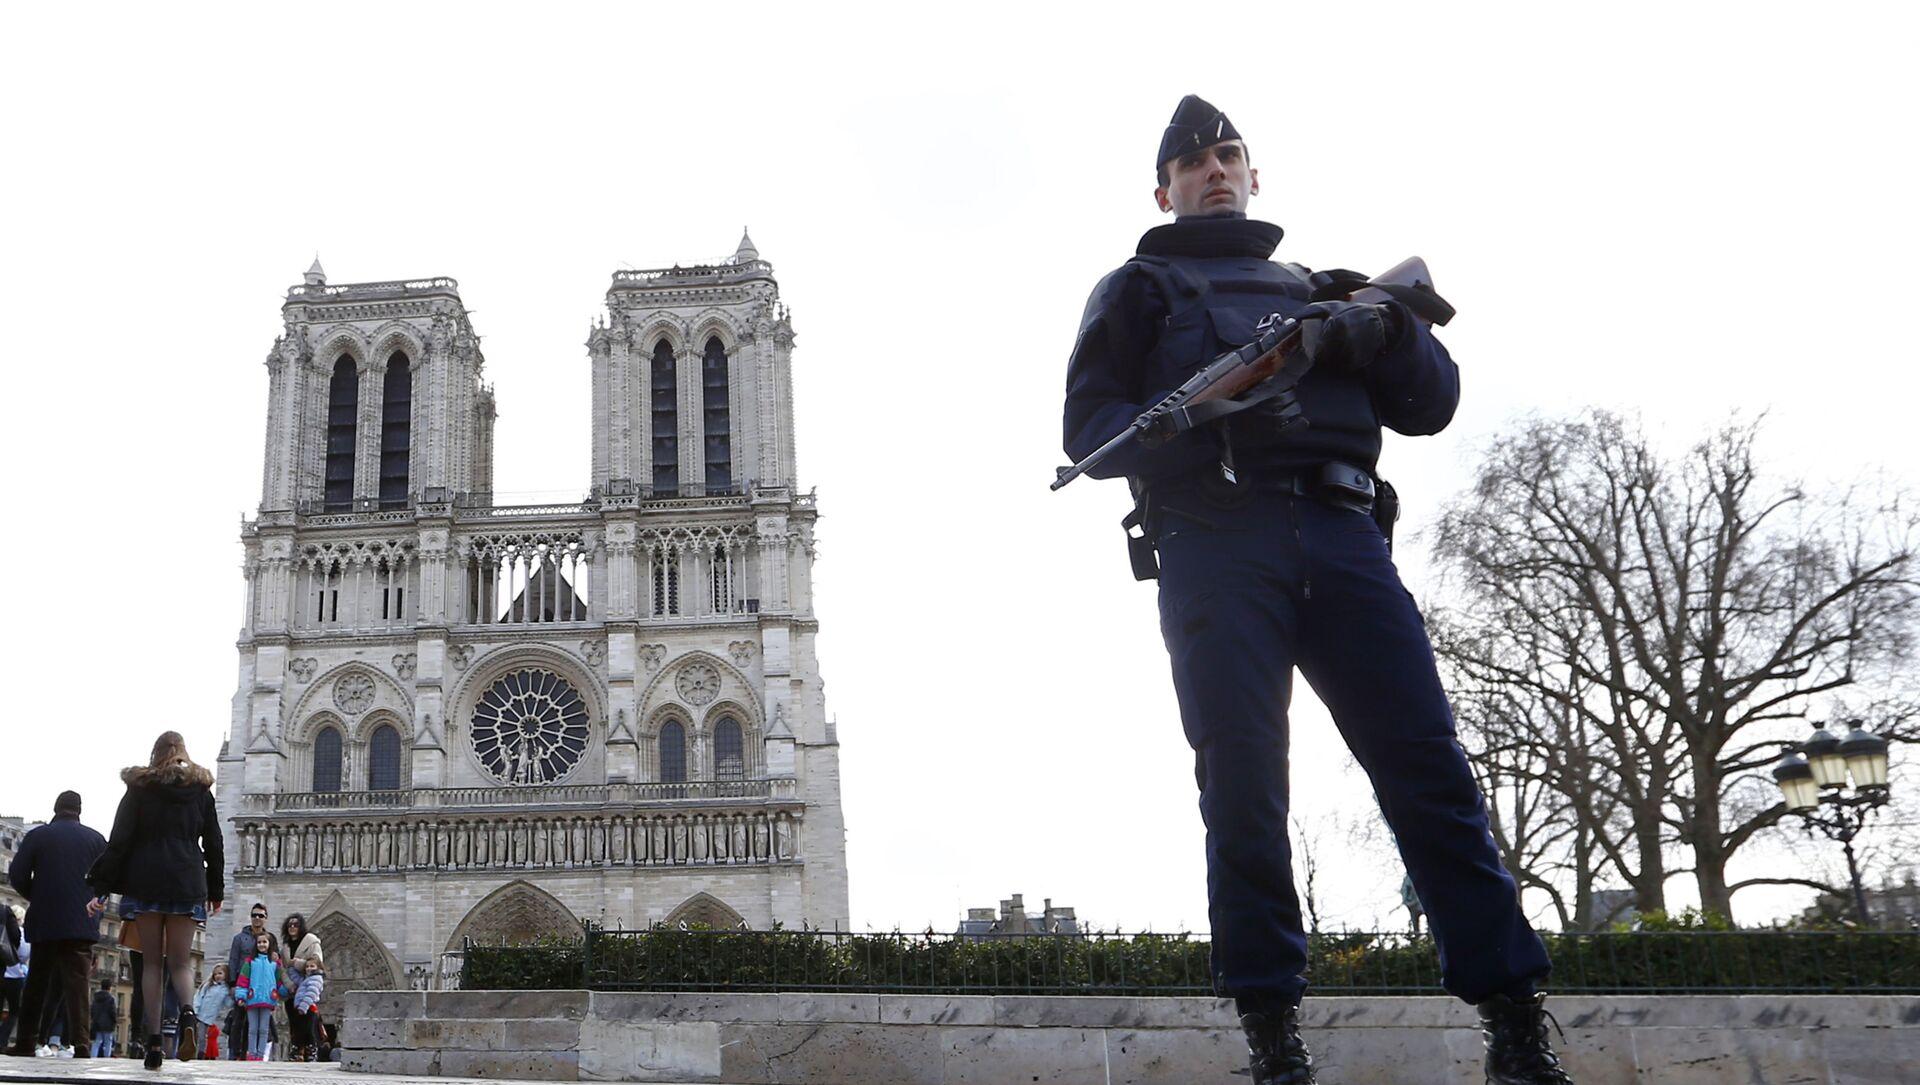 Fransa'da başkent Paris'teki Notre Dame Katedrali önünde nöbet tutan polis-2016 - Sputnik Türkiye, 1920, 07.04.2021